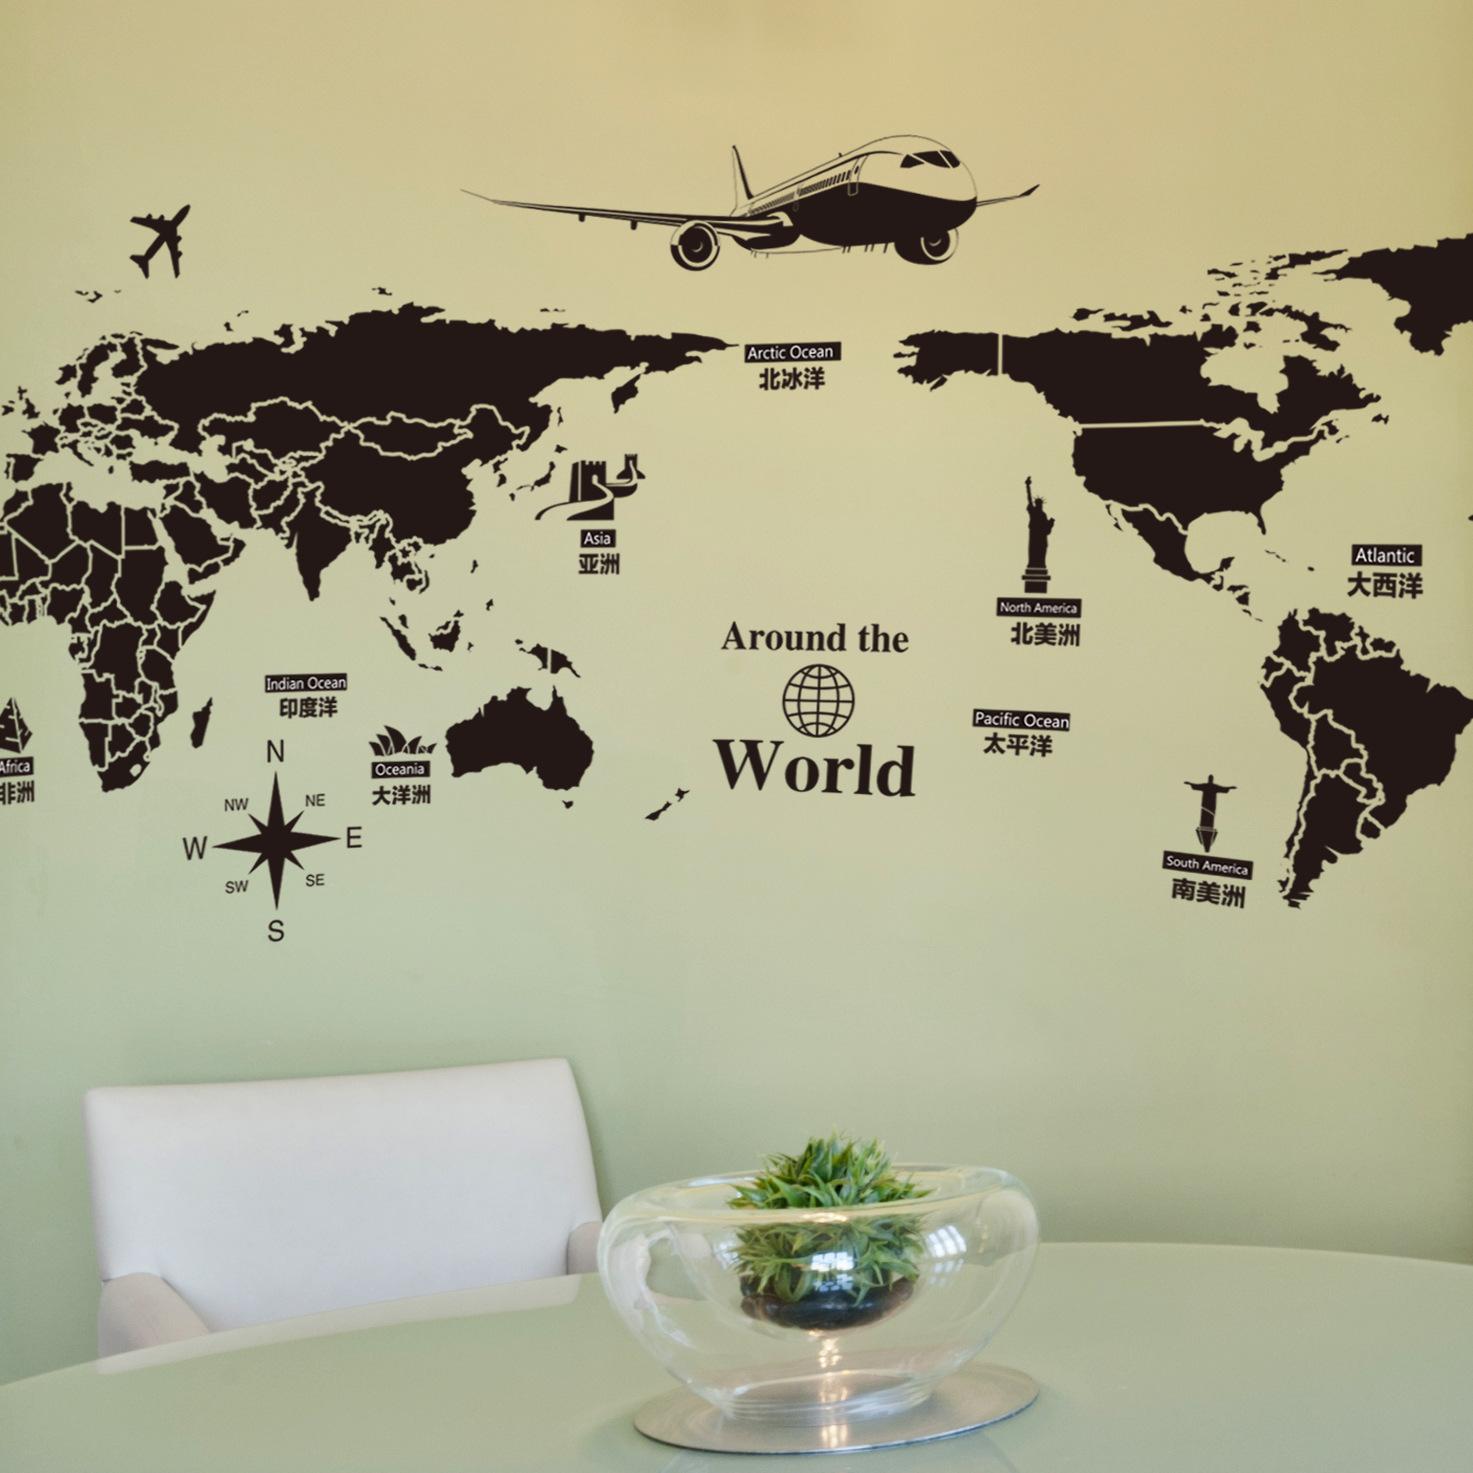 Карта мира наклейки на стены Съемная ПВХ карта мира Художественные наклейки для гостиной Home Decor - фото 2